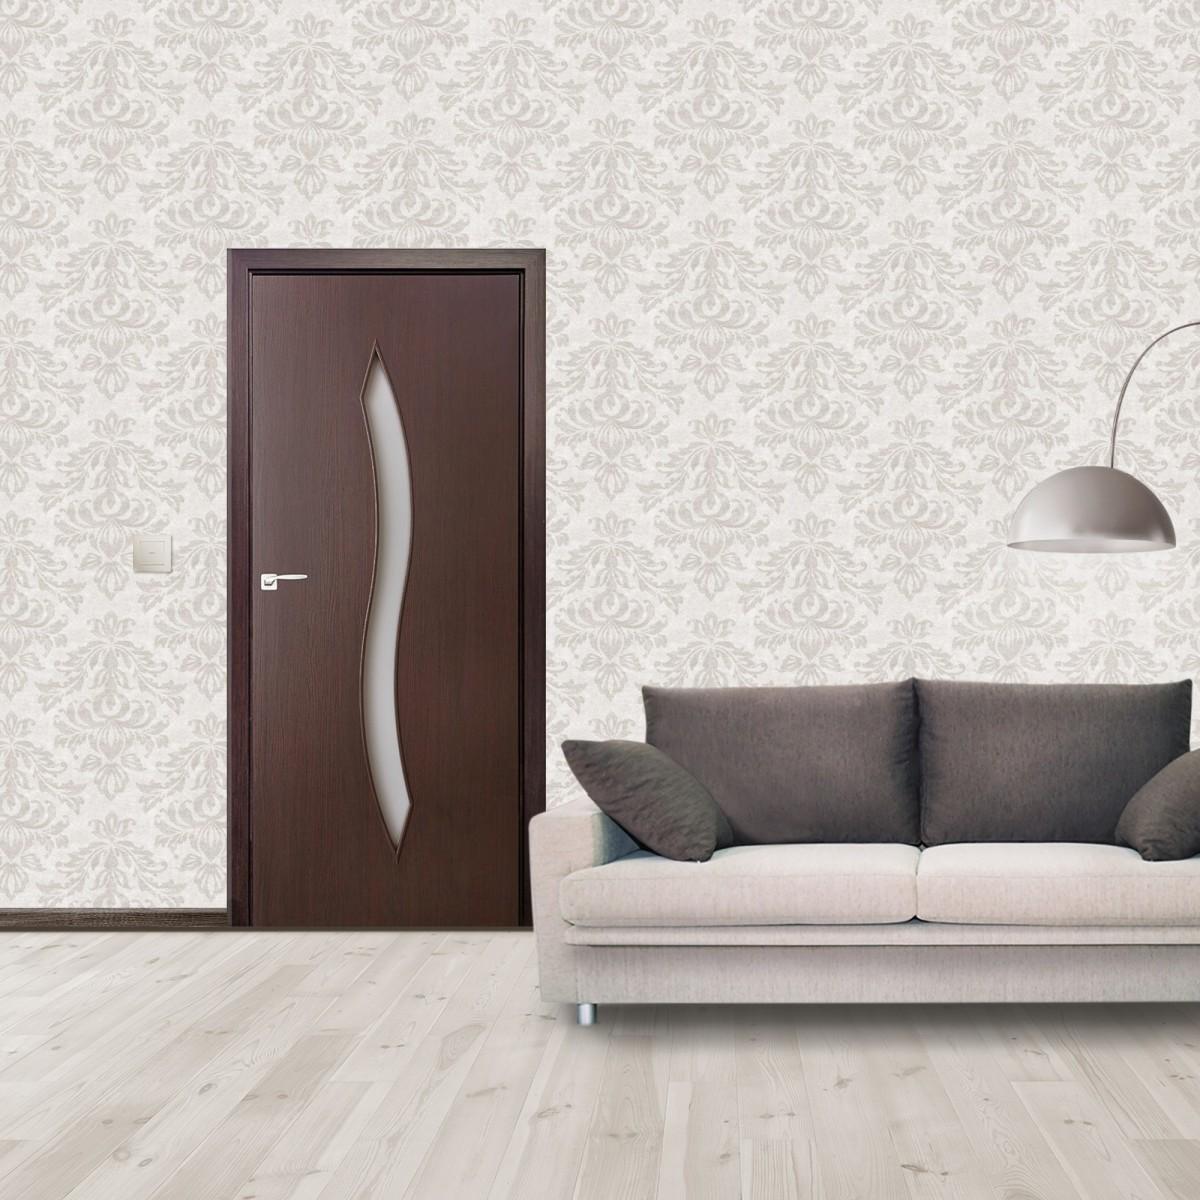 Дверь Межкомнатная Остеклённая Aura 70x200 Ламинация Цвет Венге 3d